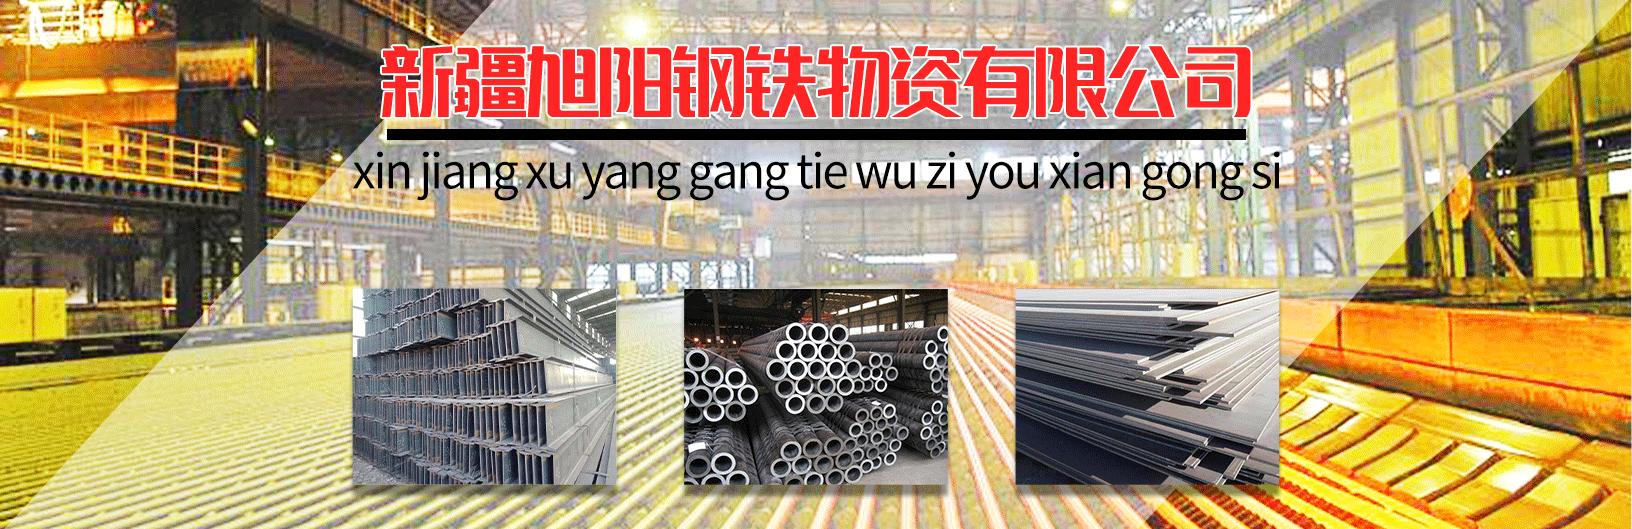 新疆钢材价格